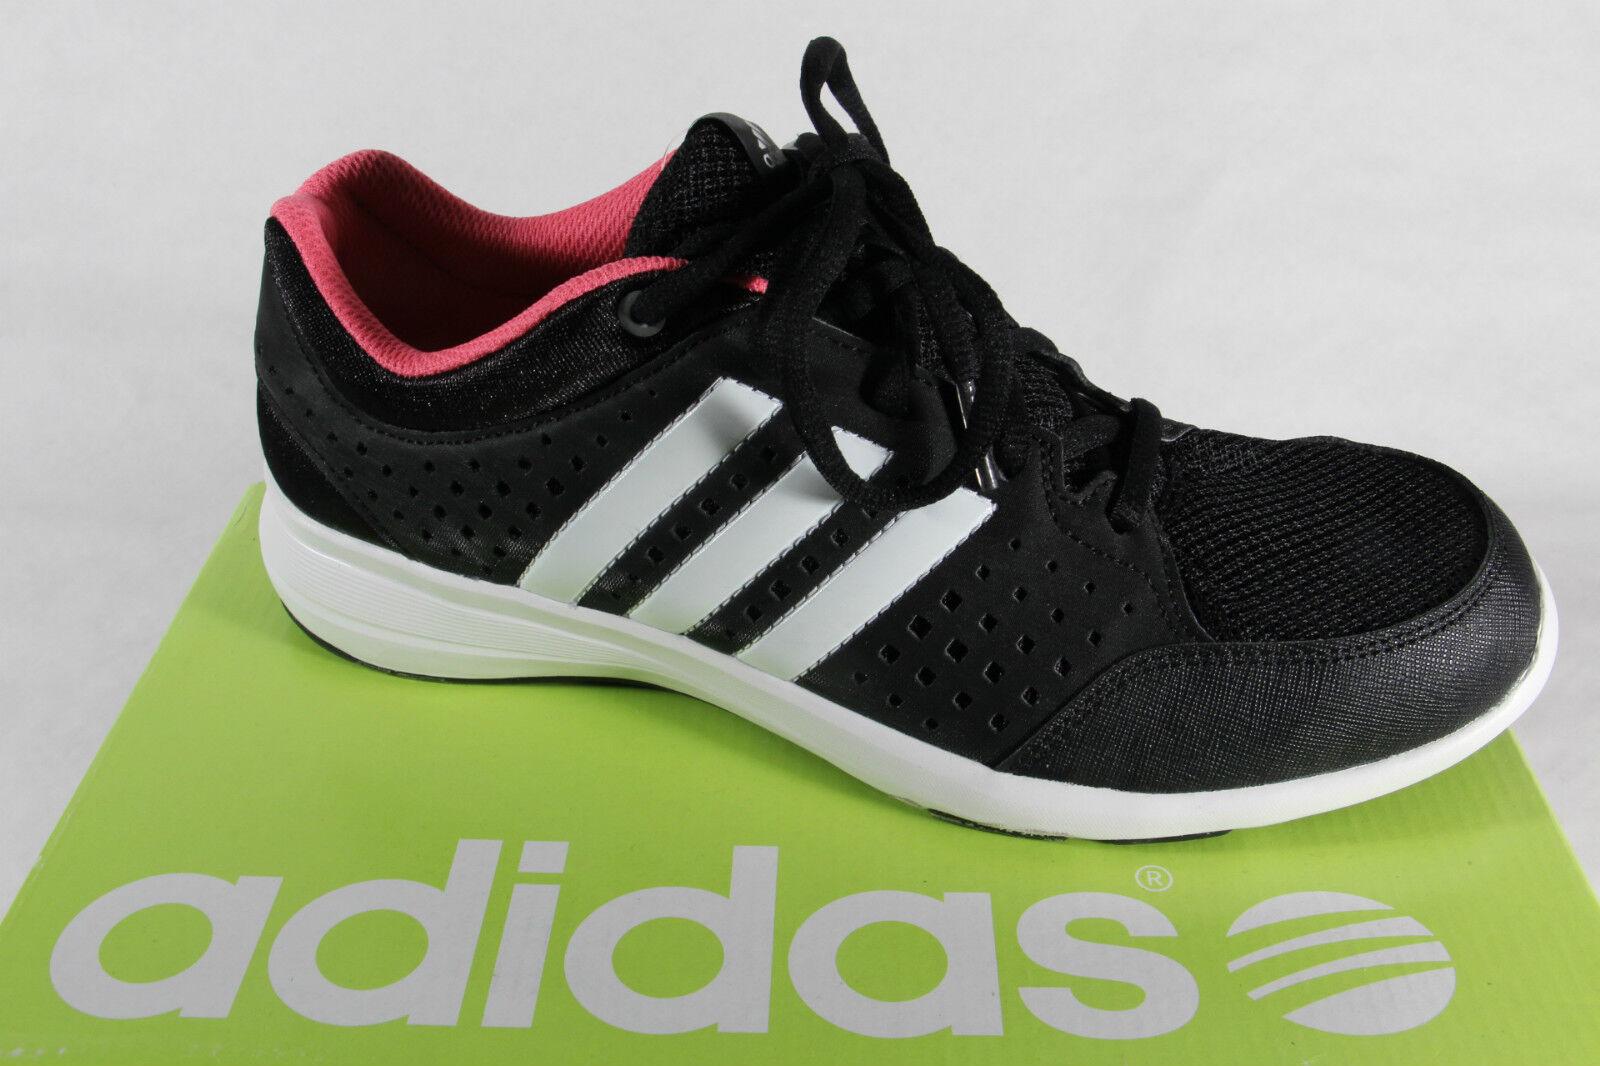 billig Adidas Schnürschuh Turnschuhe Sportschuh Arianna